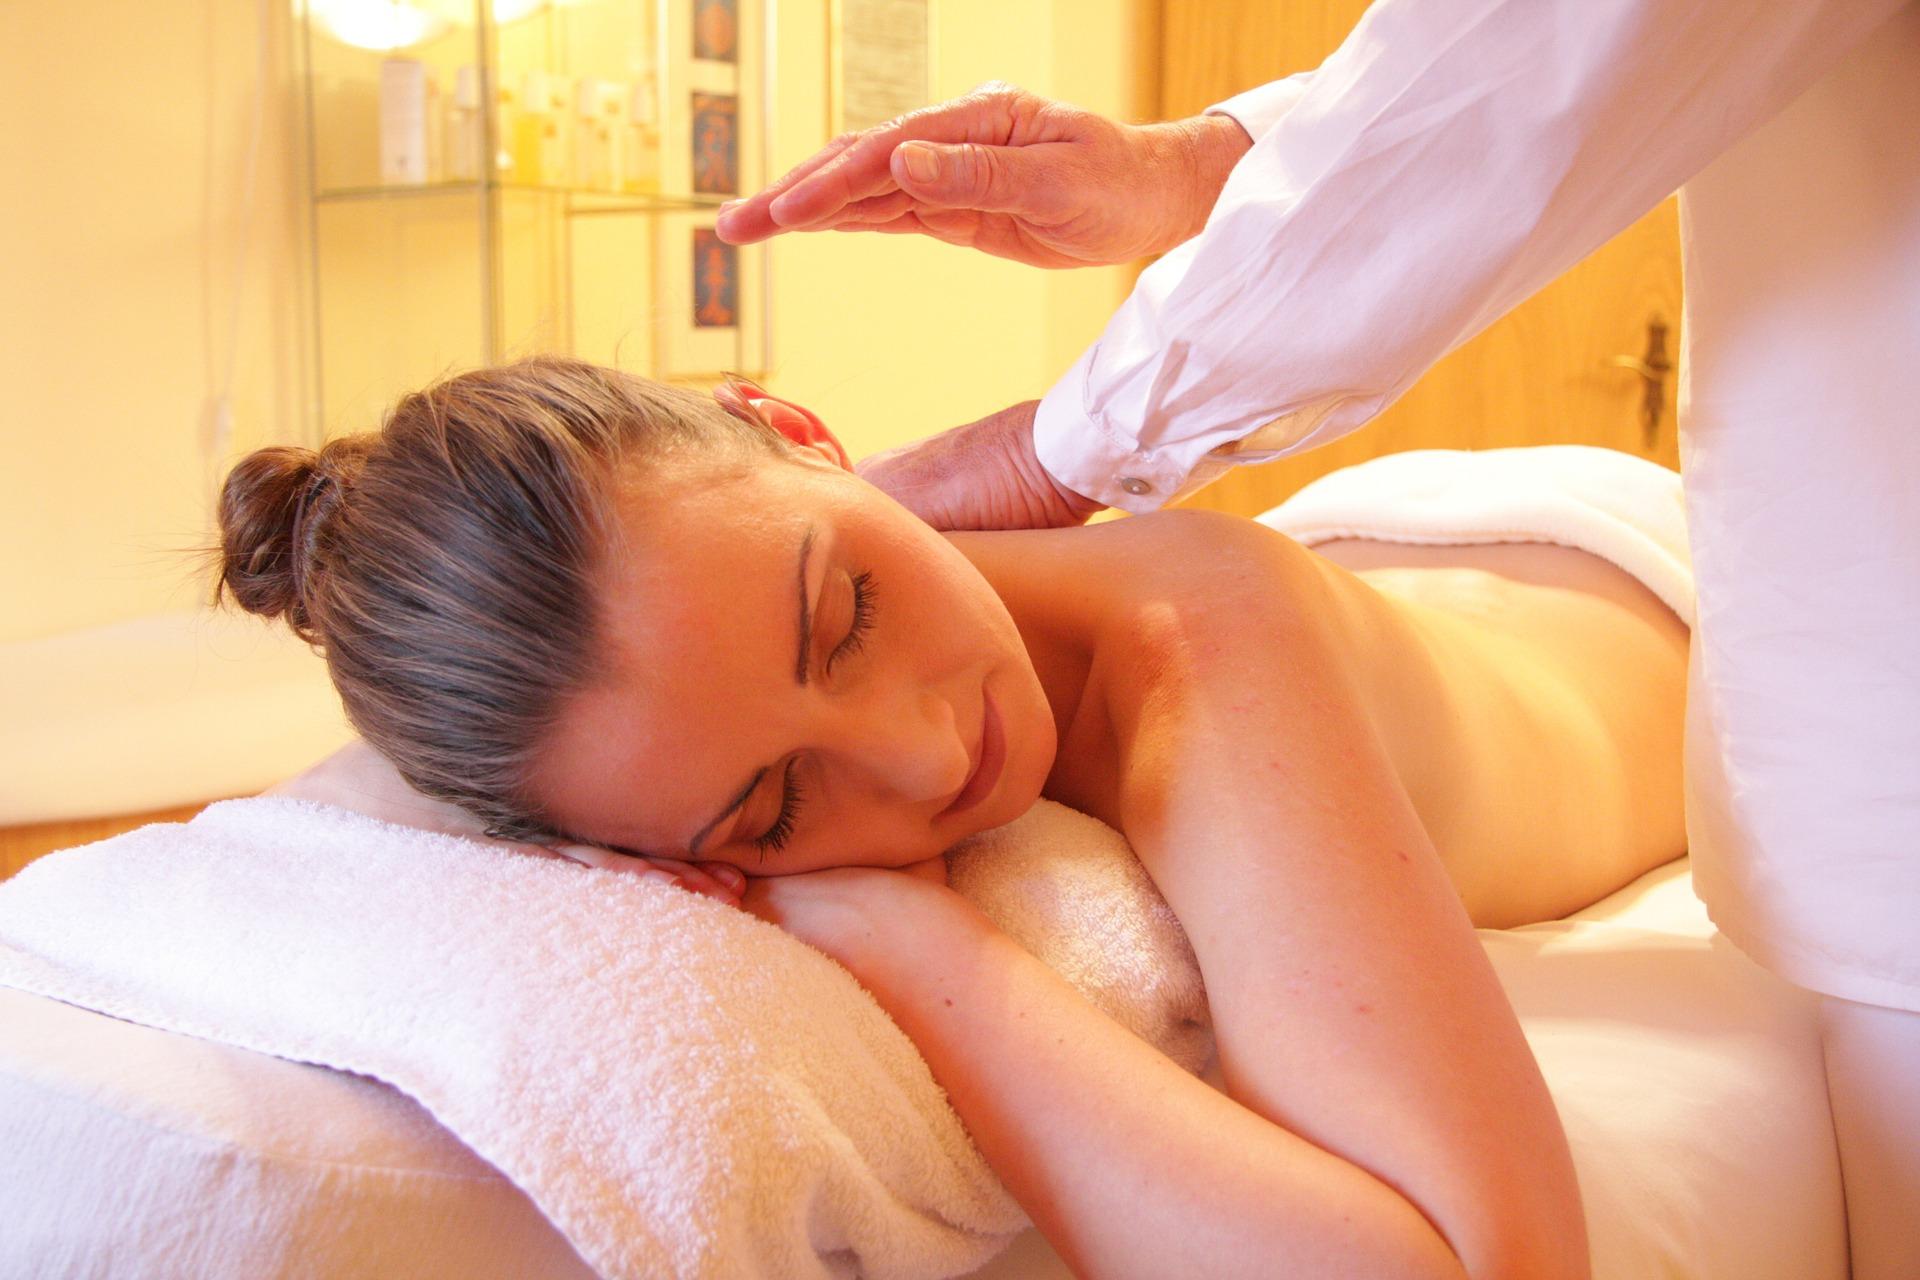 A woman being massaged